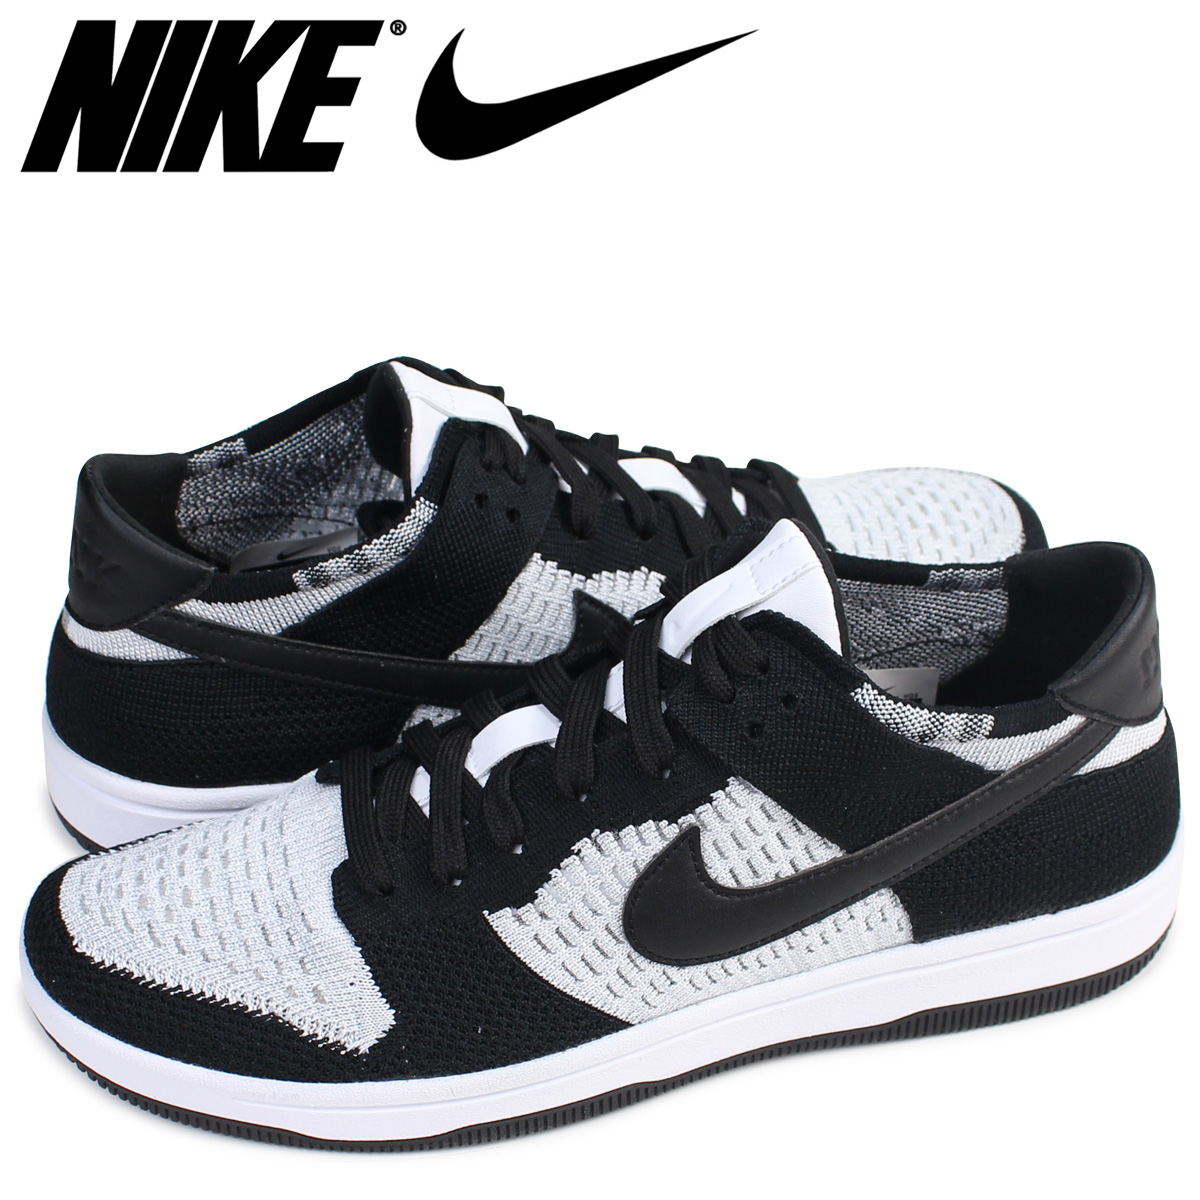 Nike NIKE dunk loaf rye knit sneakers DUNK LOW FLYKNIT 917,746-100 men's  shoes black [8/9 Shinnyu load]